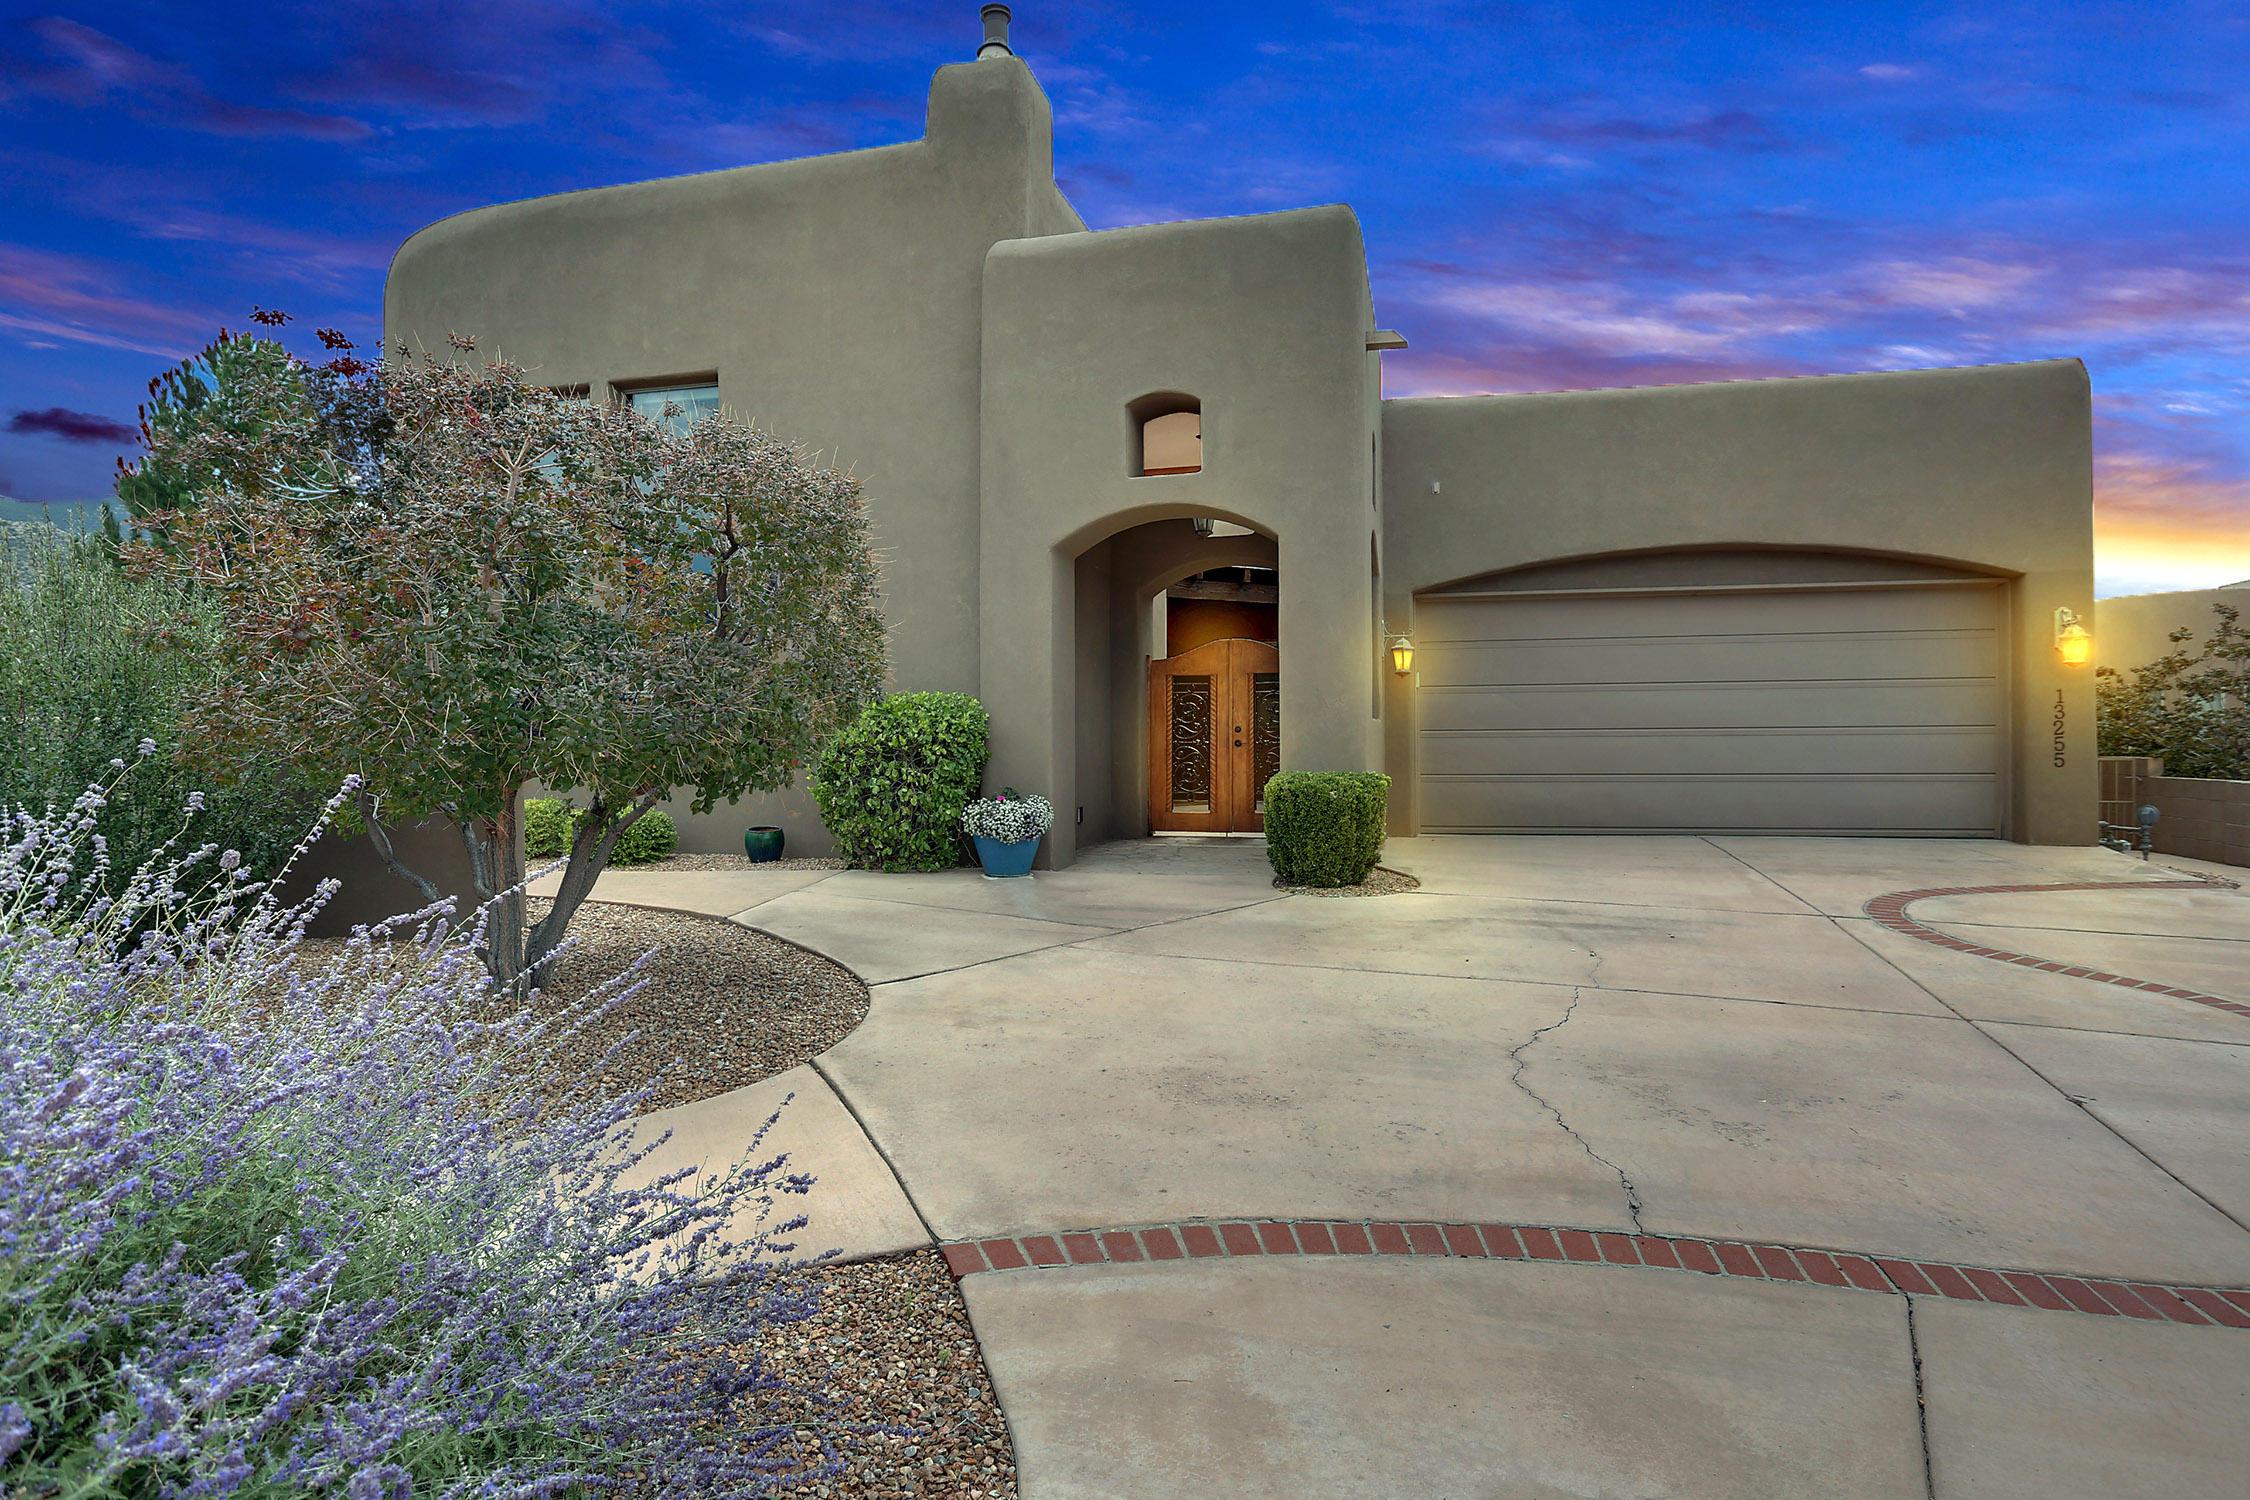 Photo of 13255 Twilight Trail Place, Albuquerque, NM 87111